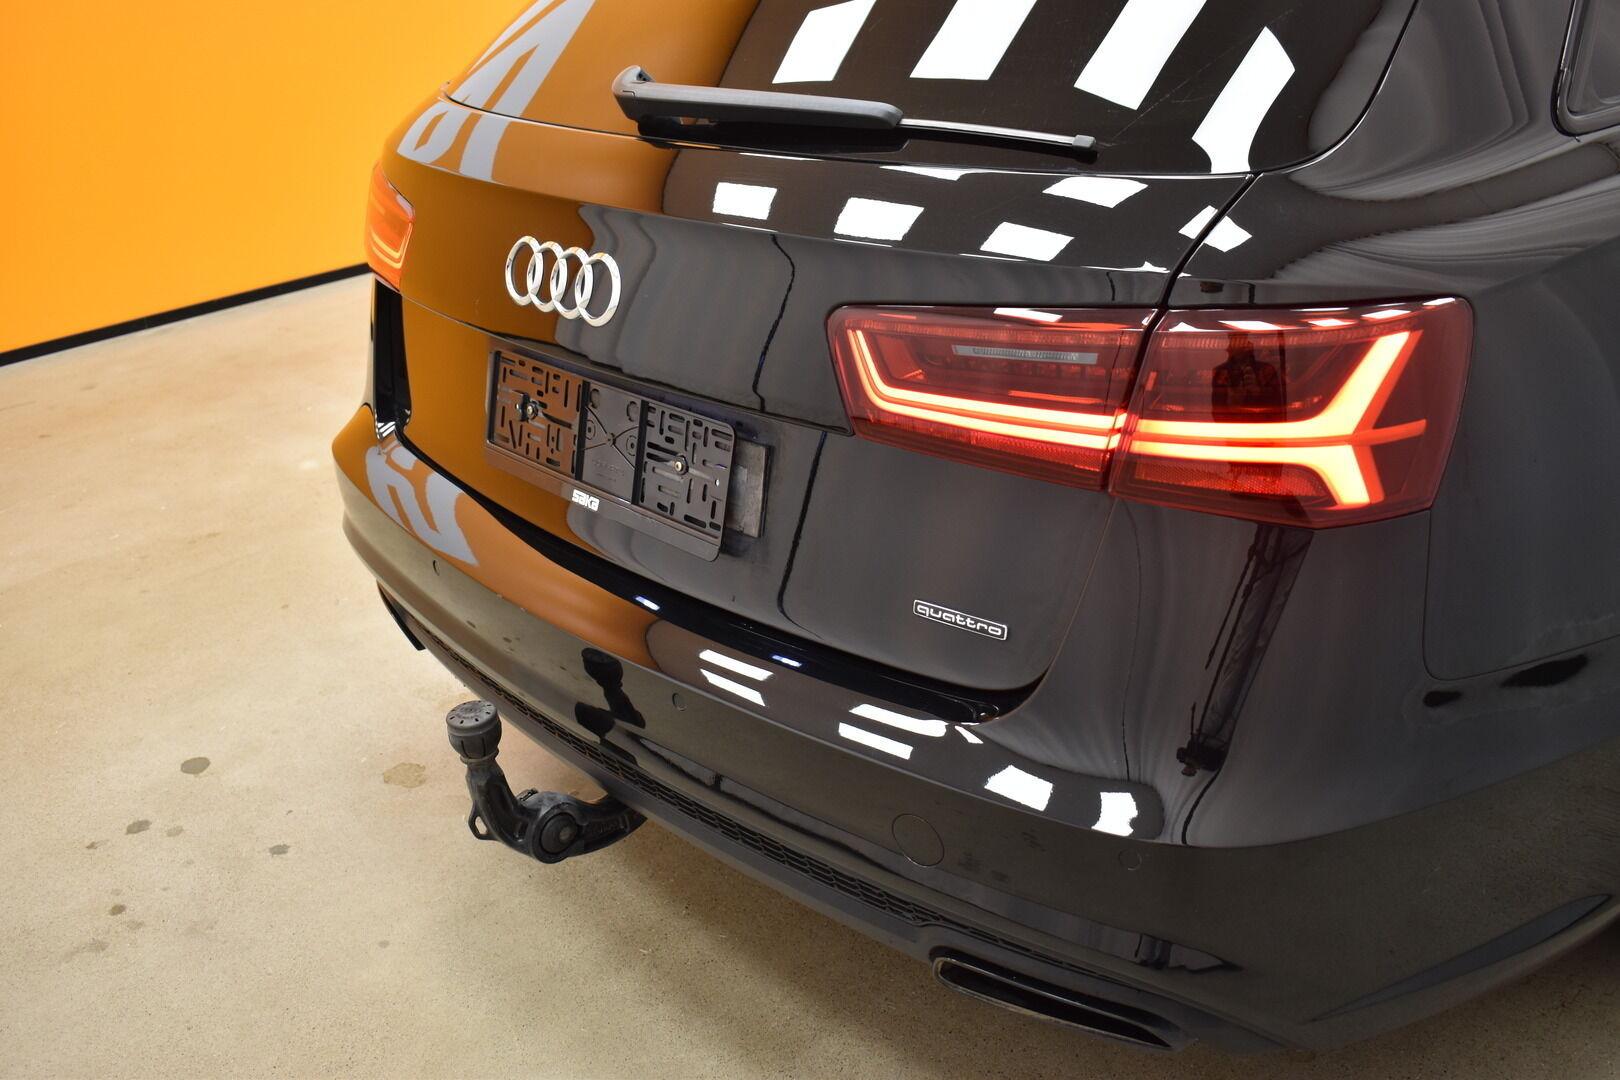 Musta Farmari, Audi A6 – OUL-89168, kuva 9